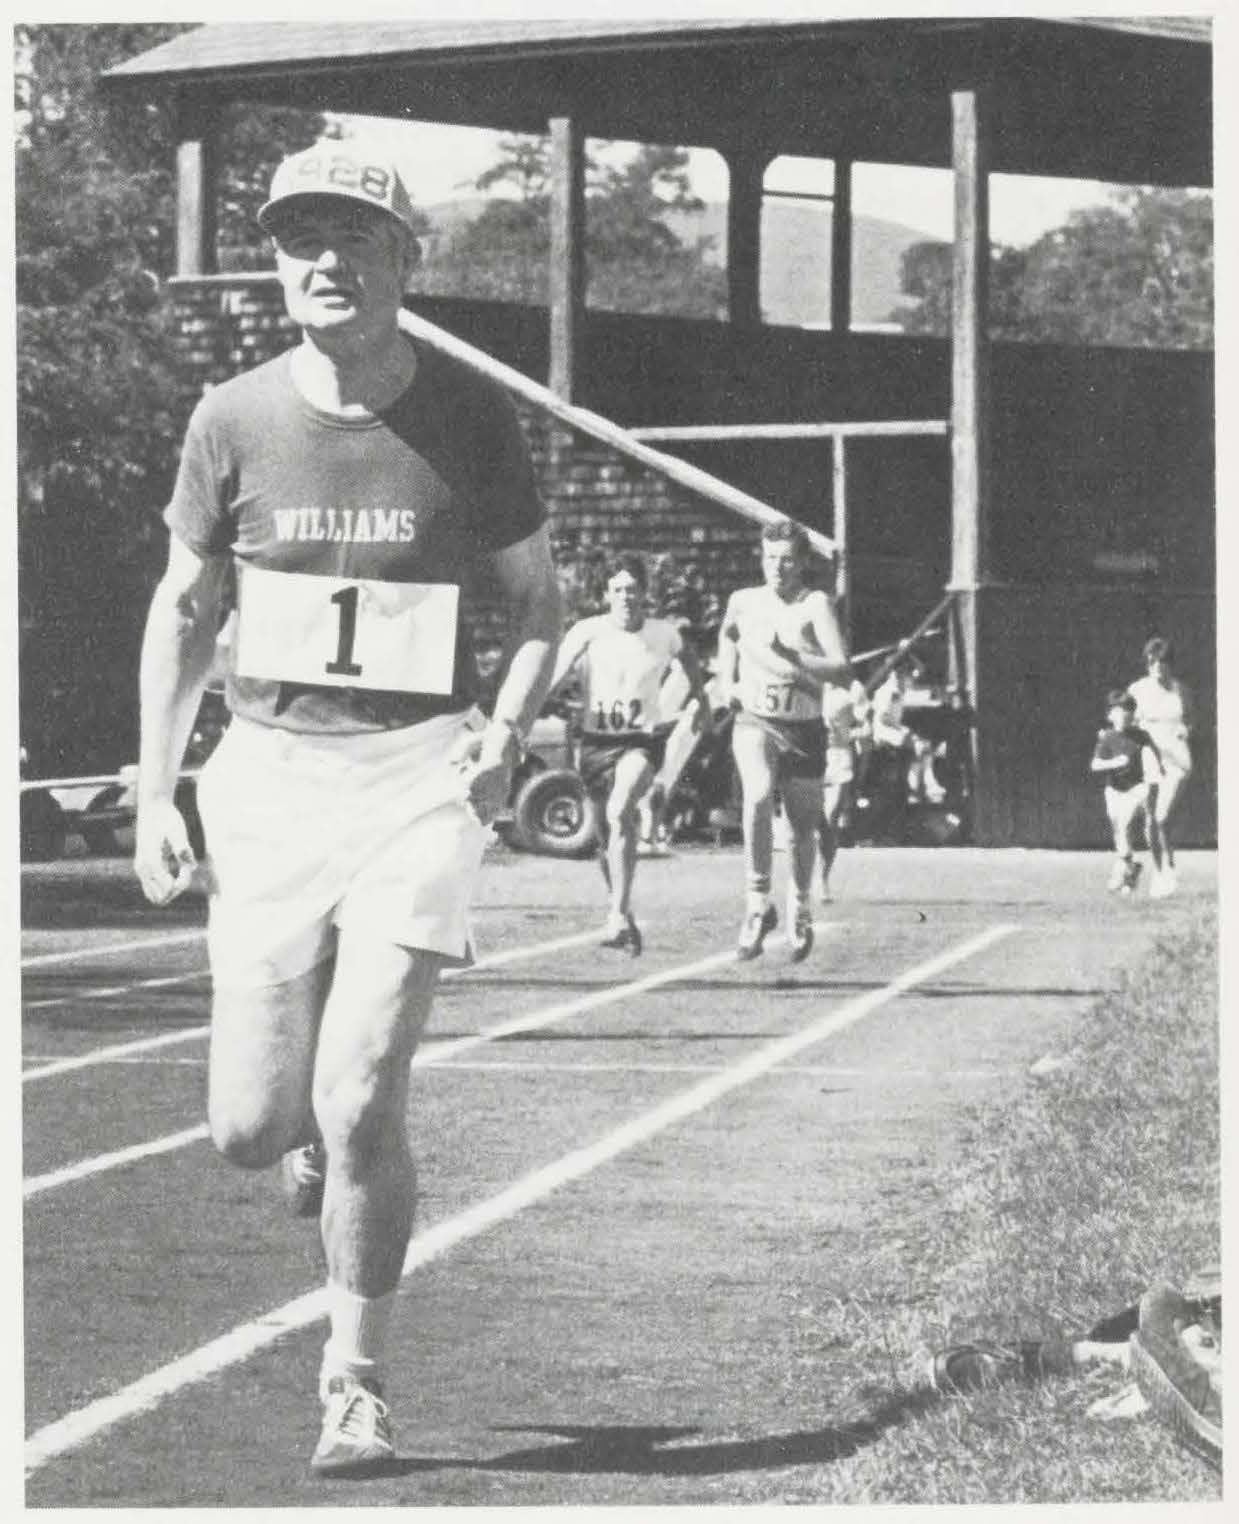 Alumni Review 1978 3 Summer - reunion track meet photos 1